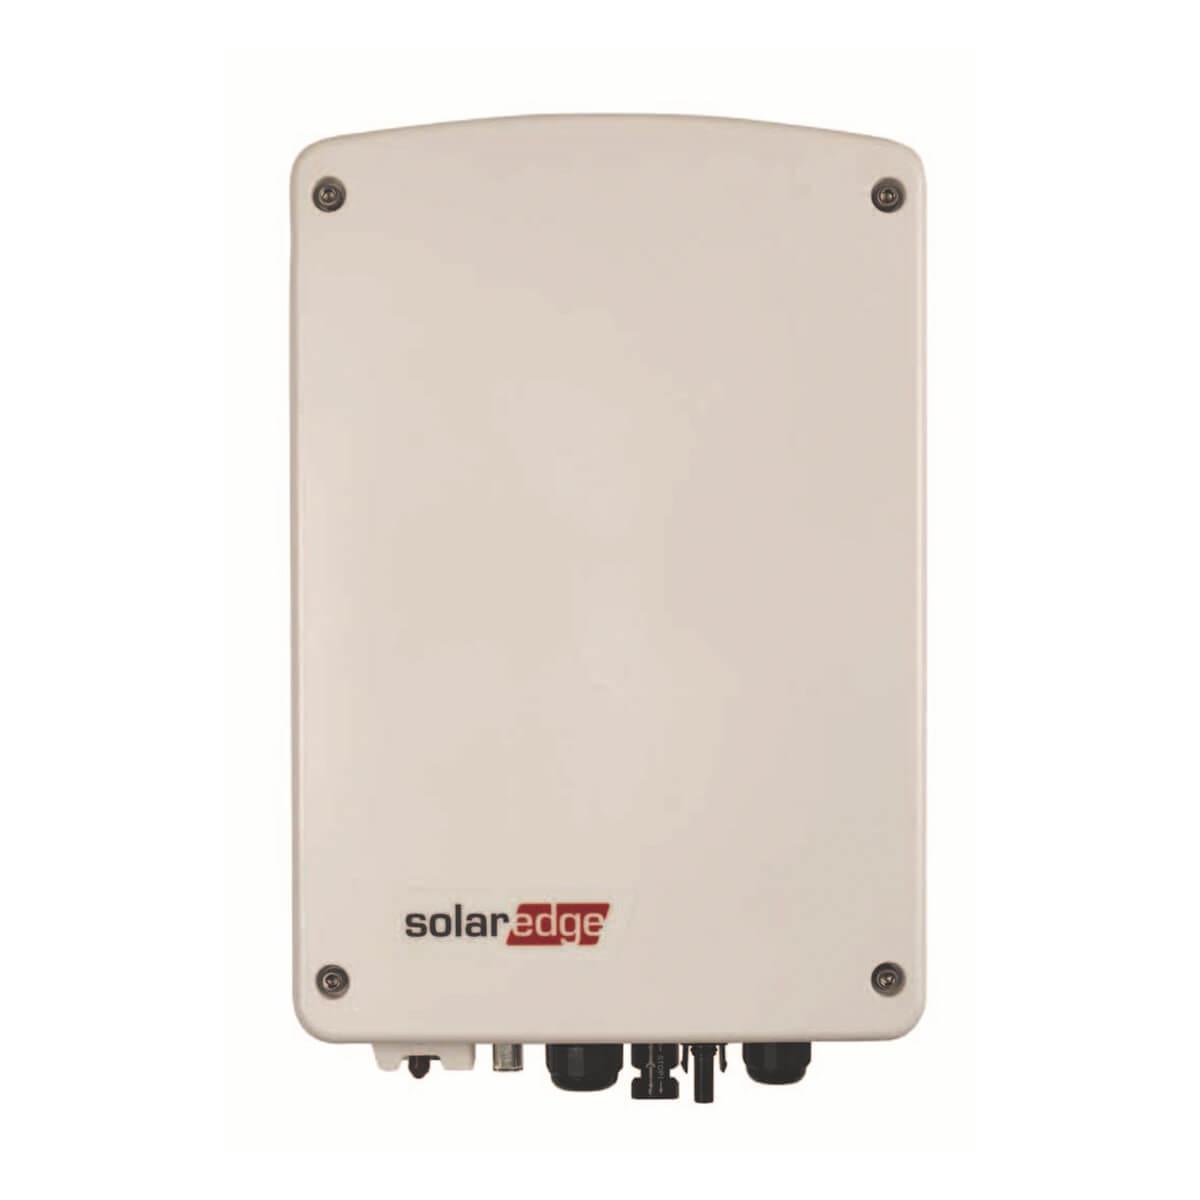 solaredge 2kW inverter, solaredge se2000m 2kW inverter, solaredge se2000m inverter, solaredge se2000m, solaredge 2 kW